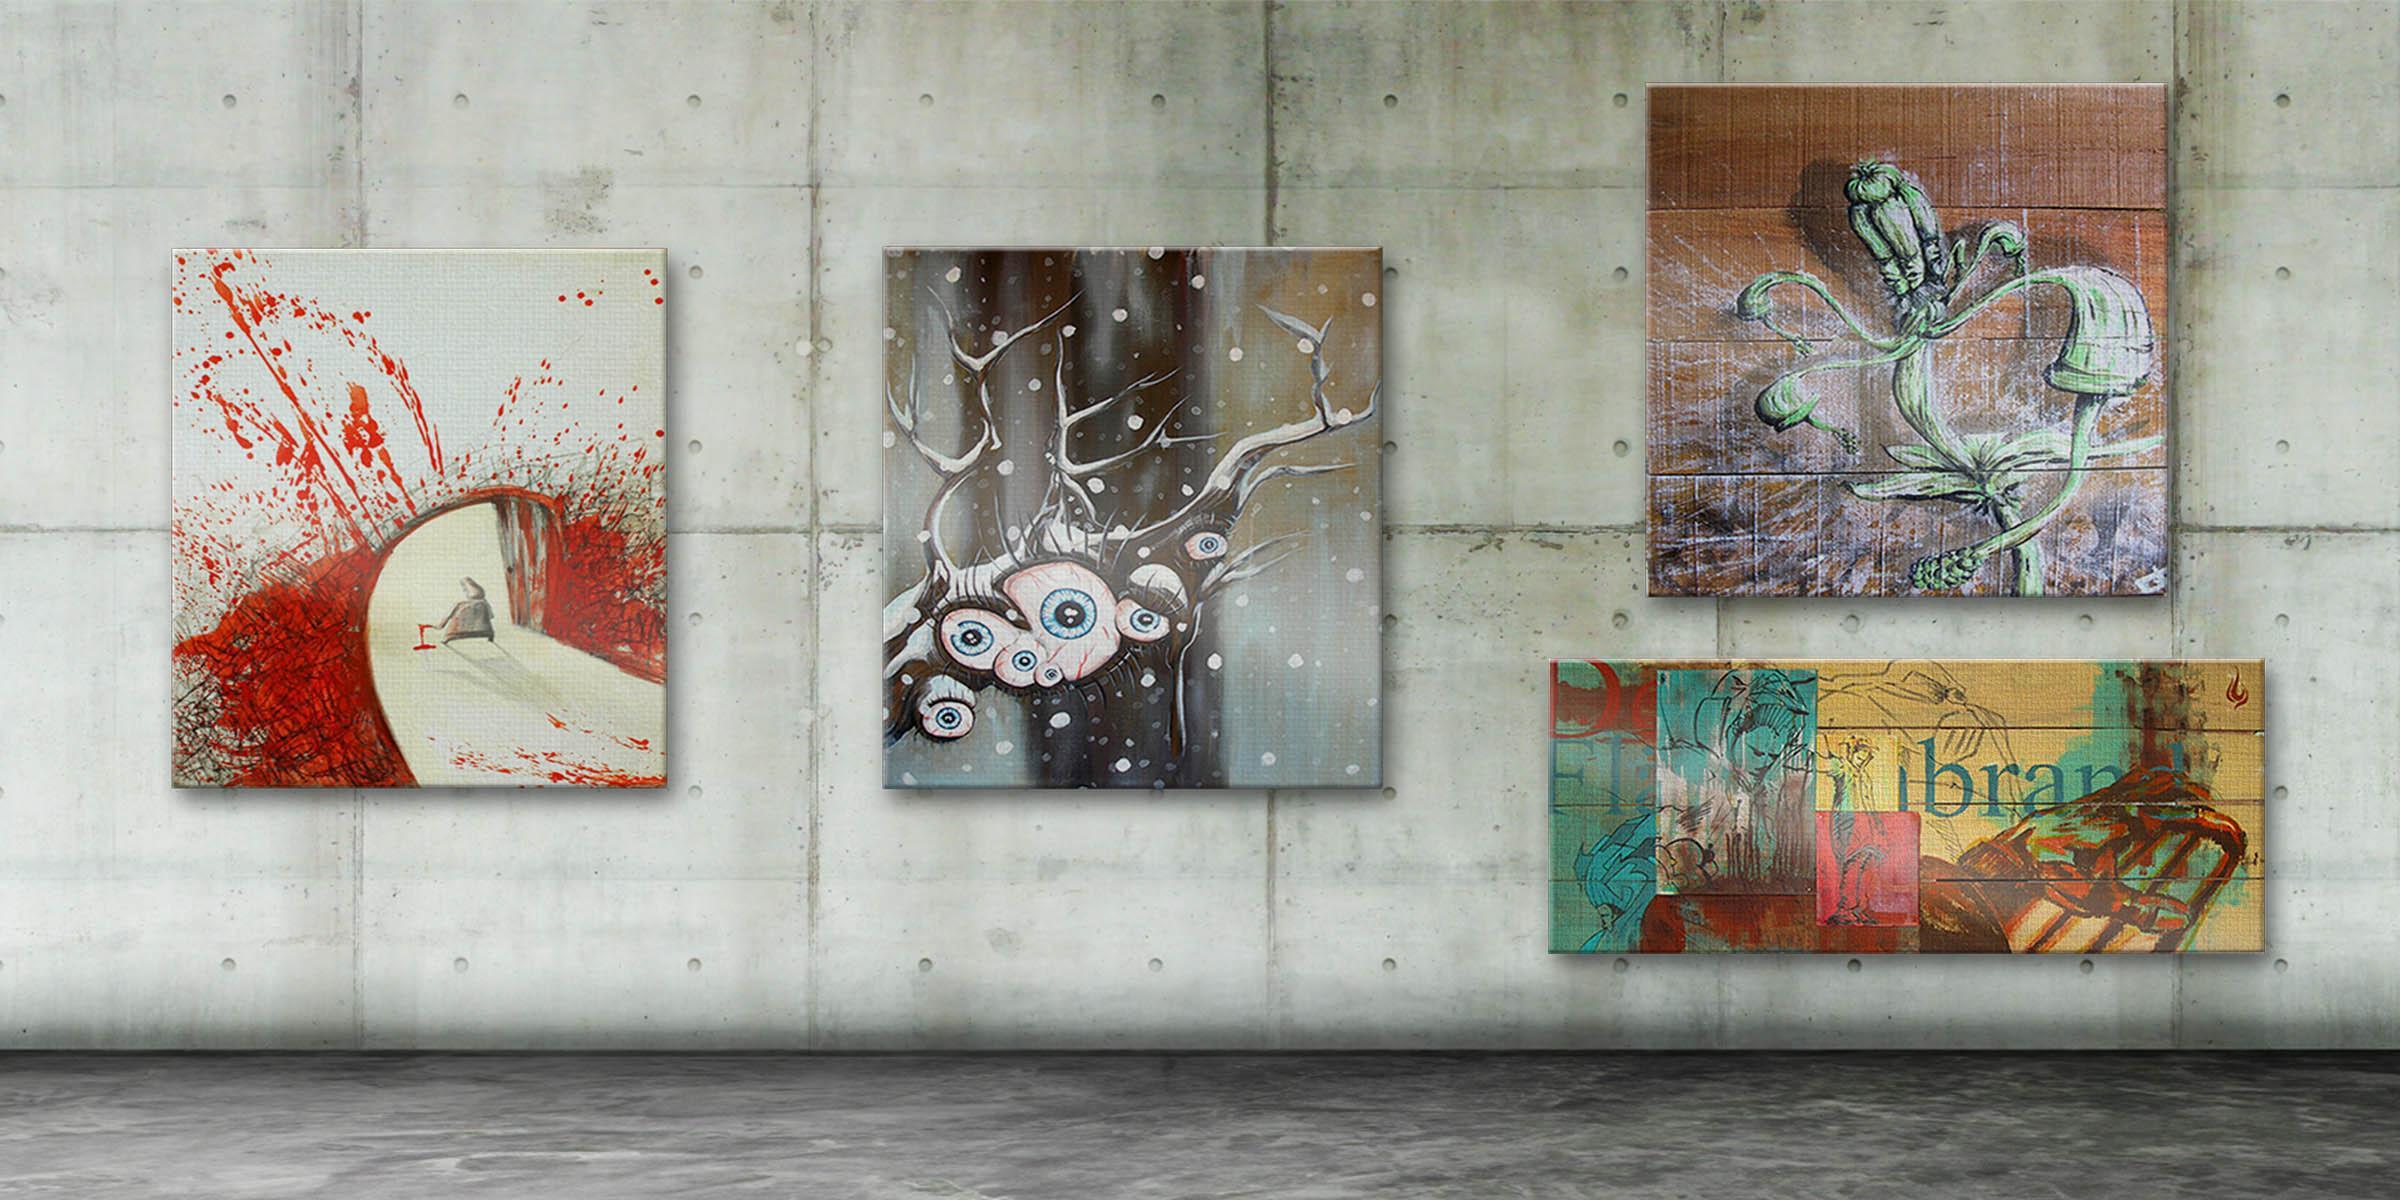 10gregor fenger art street acryl jakarta fair scribble graffiti